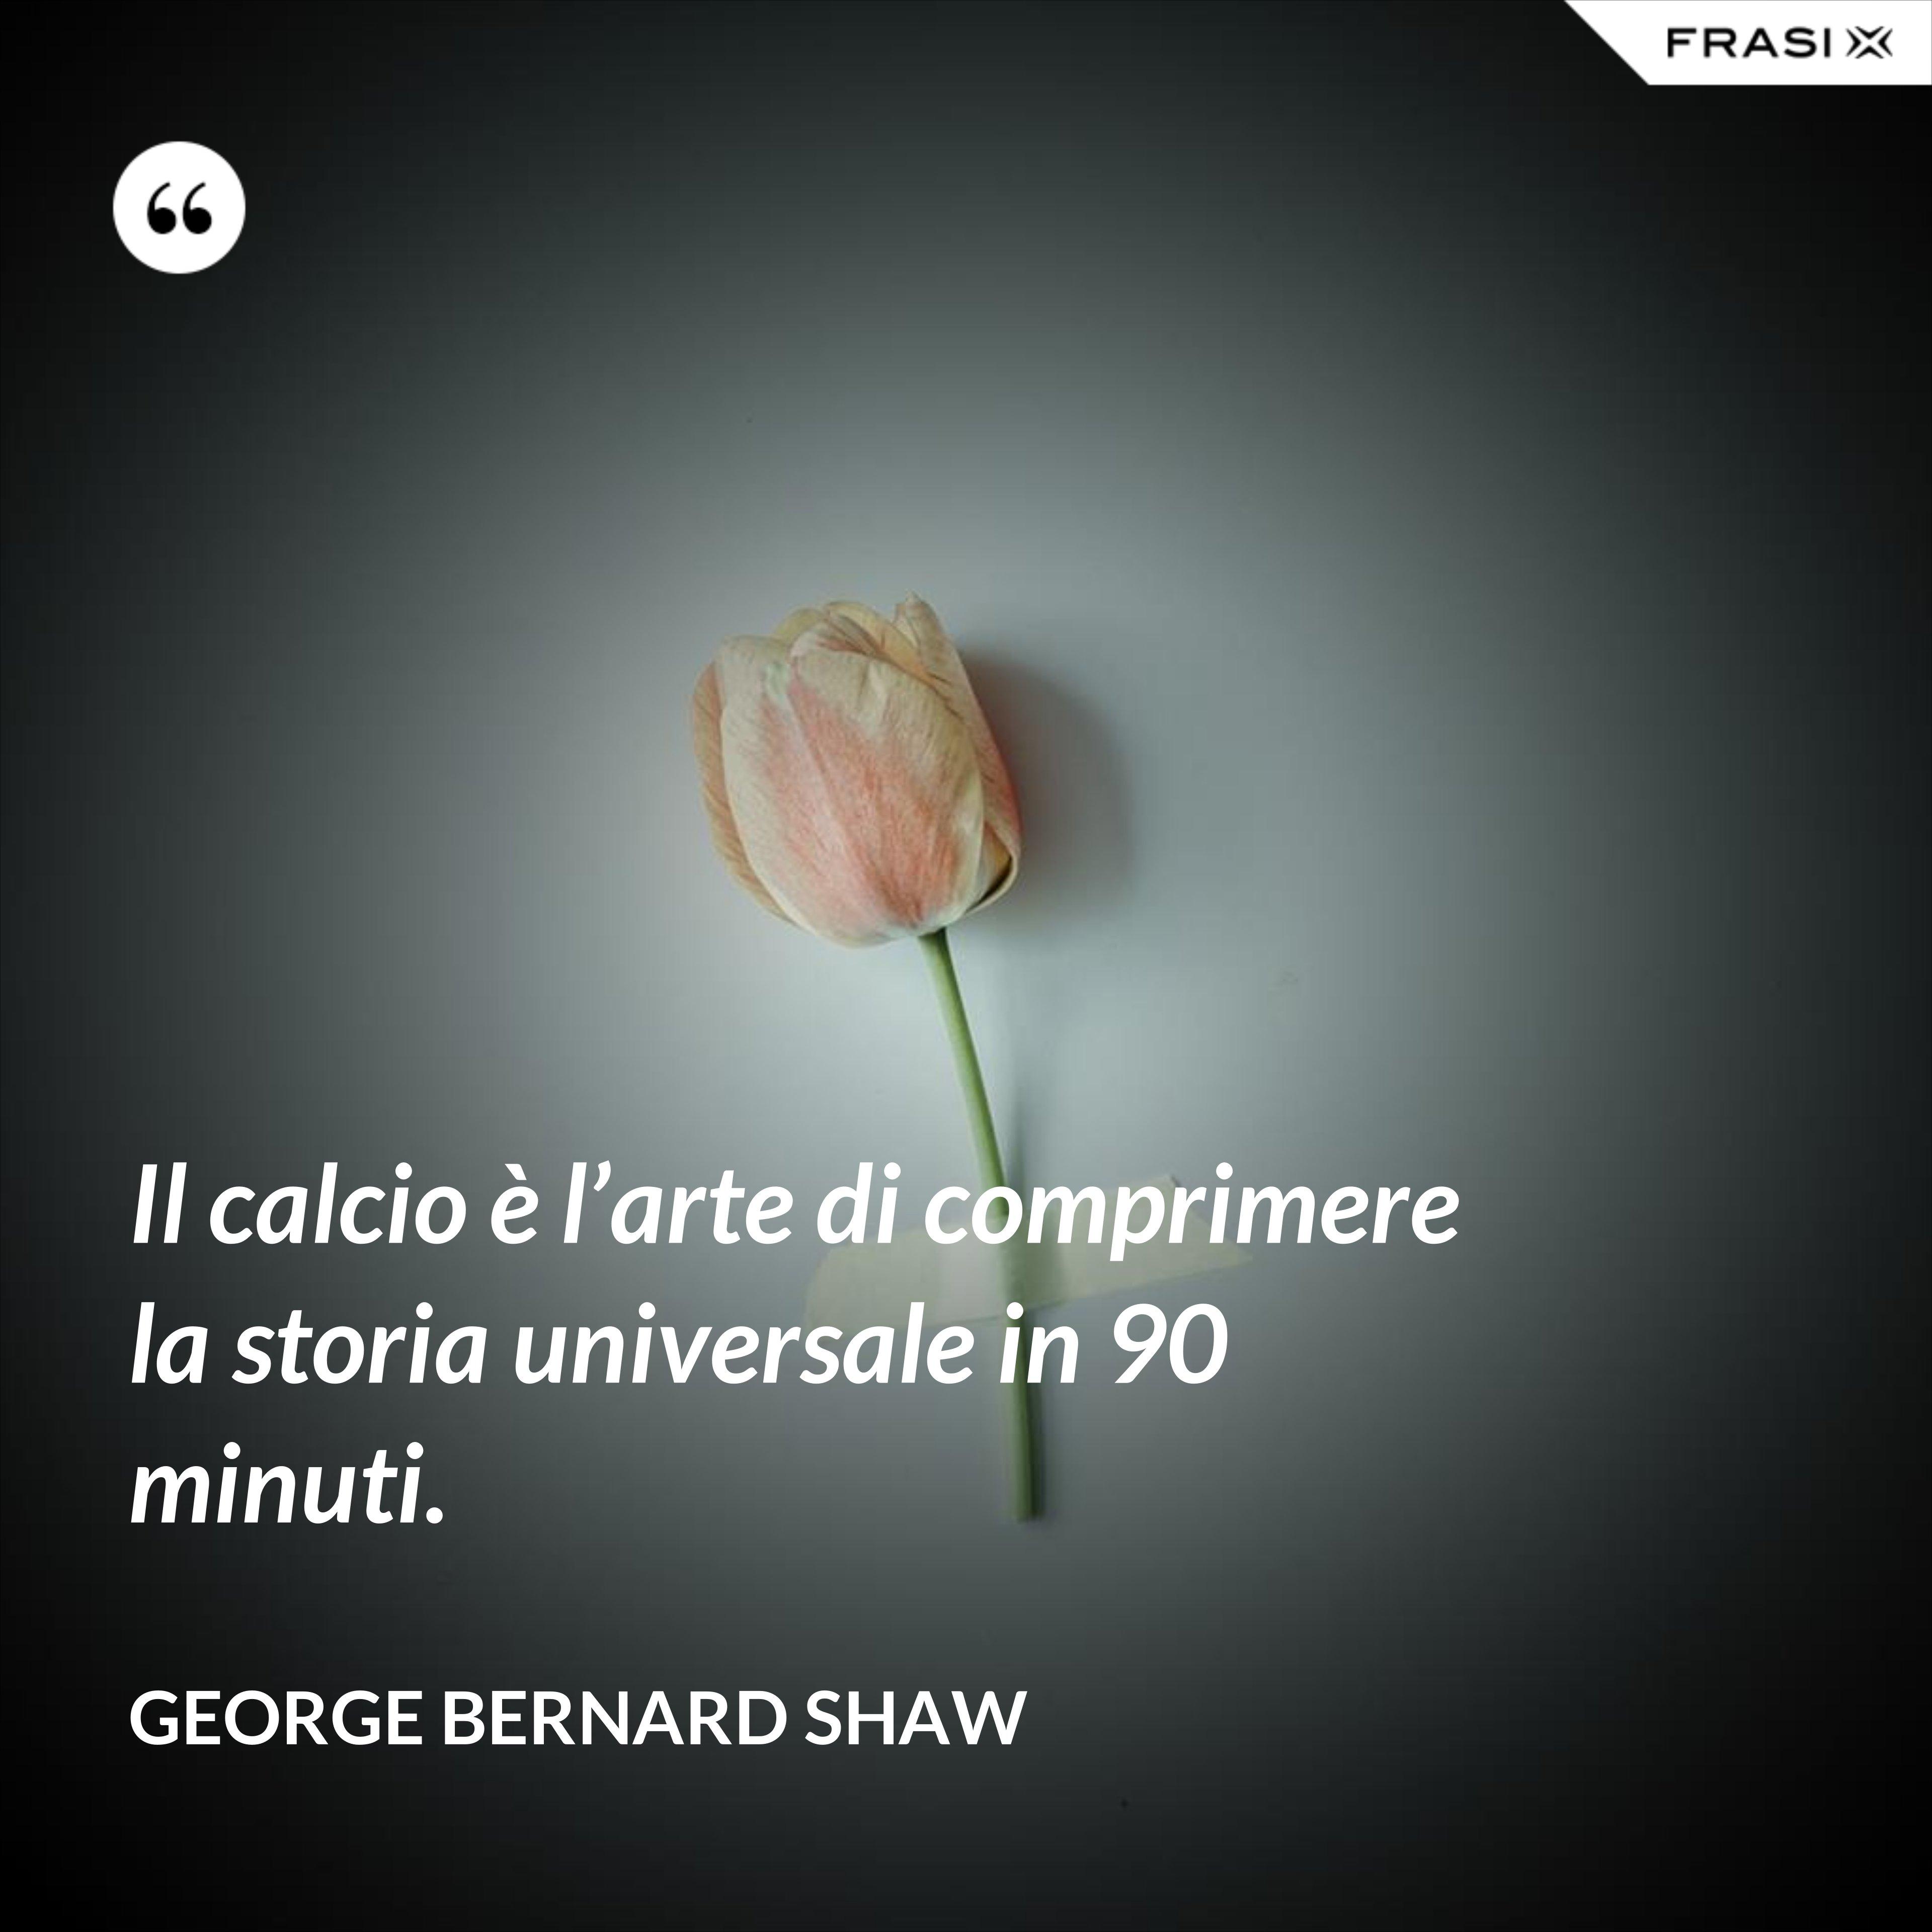 Il calcio è l'arte di comprimere la storia universale in 90 minuti. - George Bernard Shaw